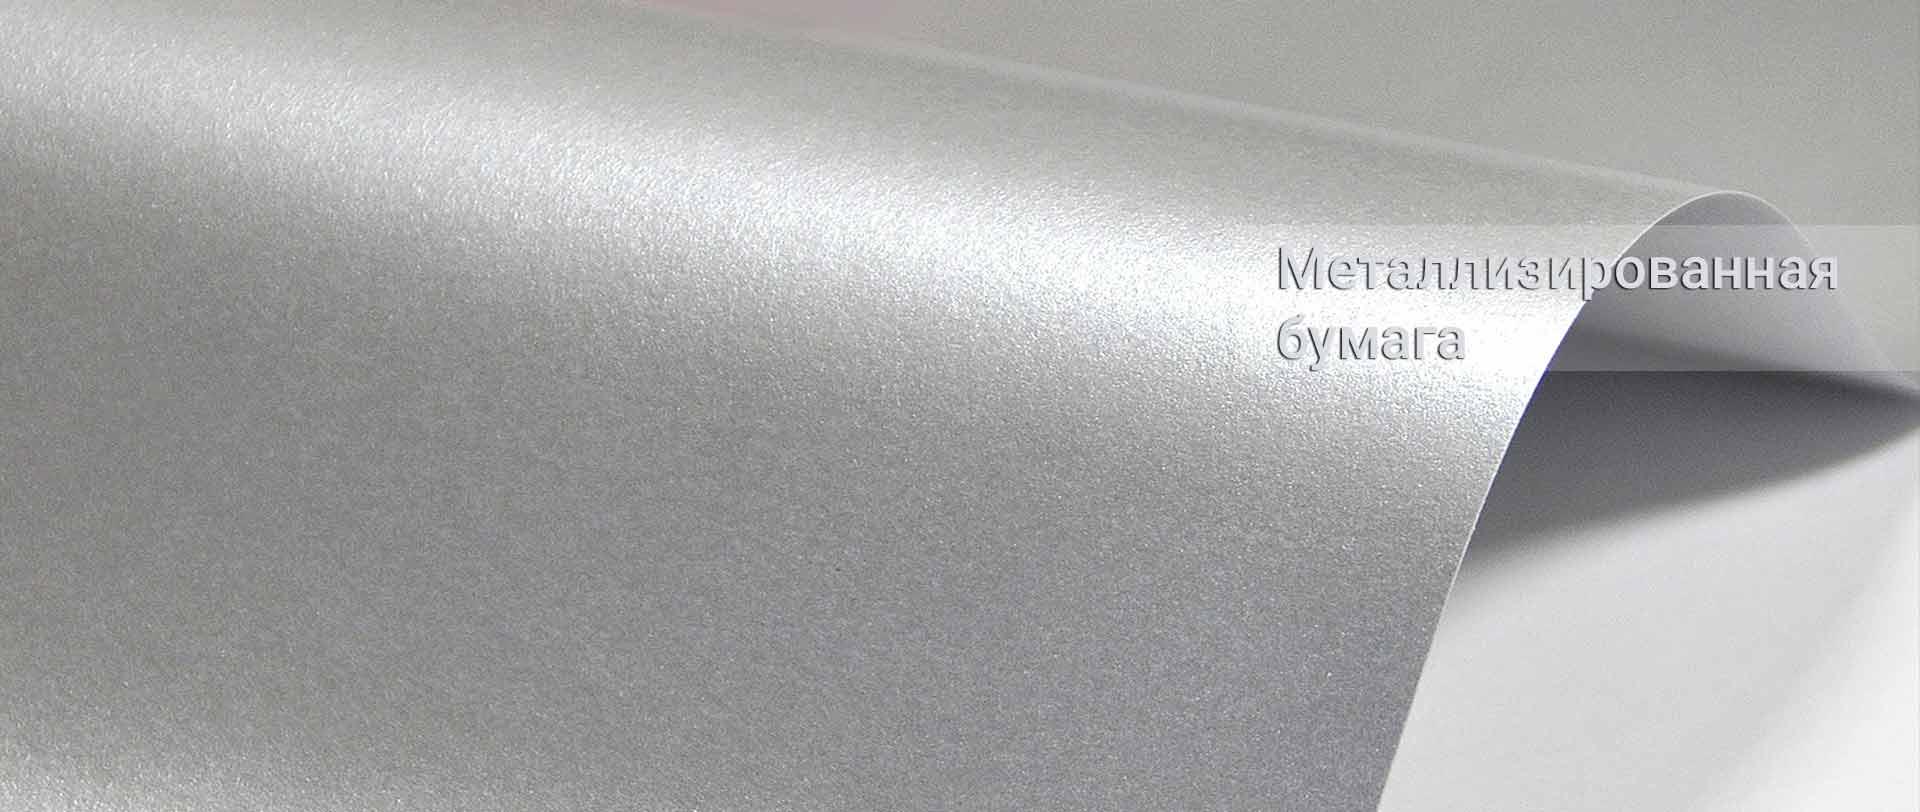 Металлезированная бумага